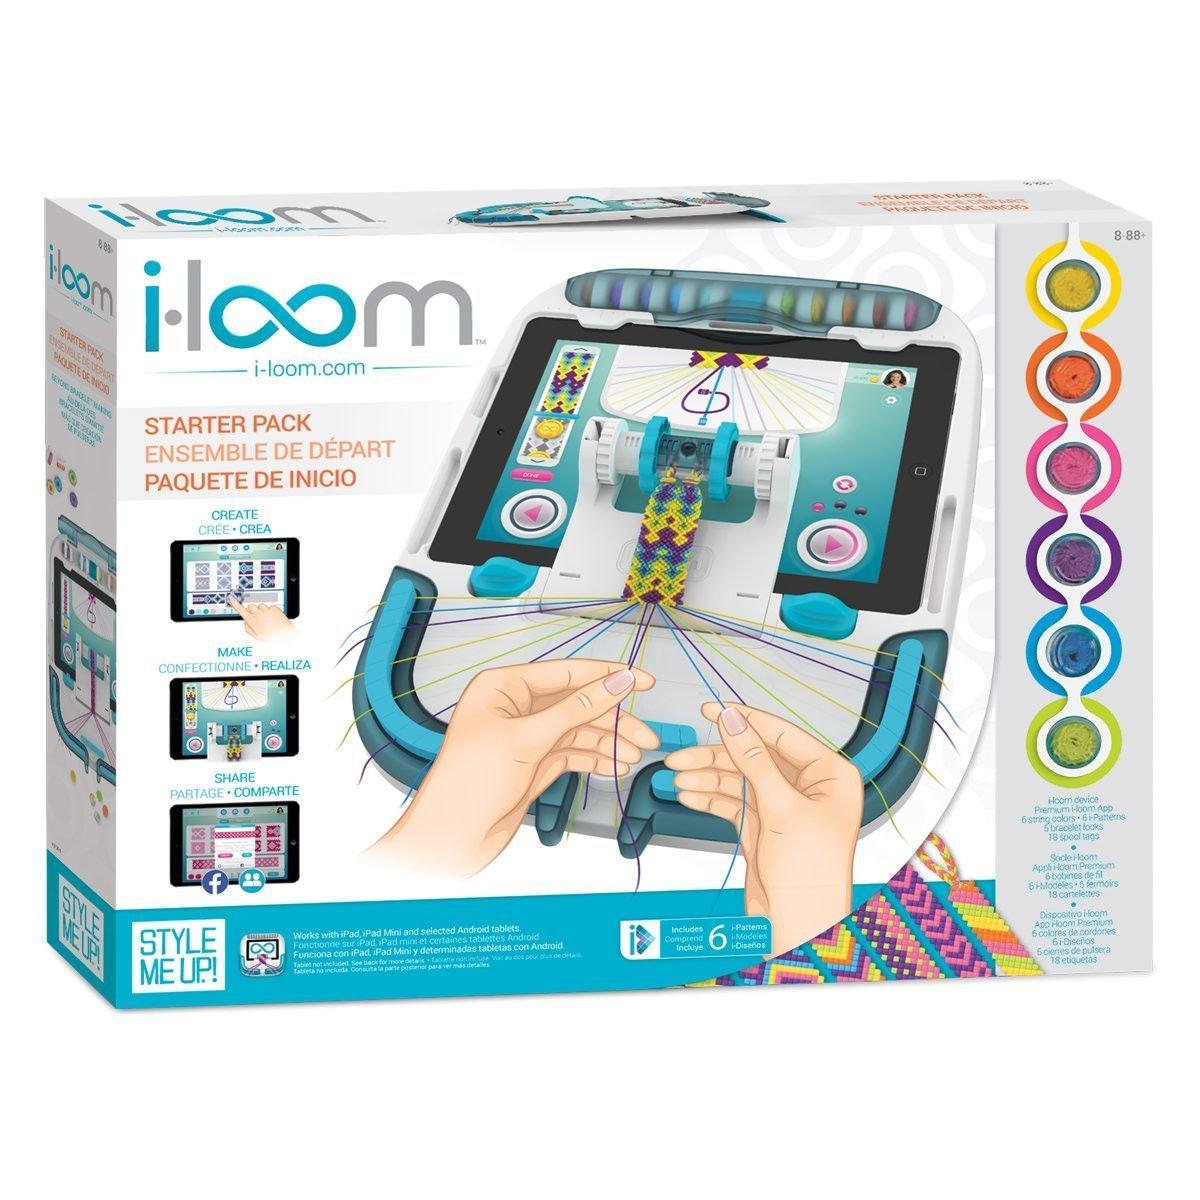 Wooky i-loom Starter Pack